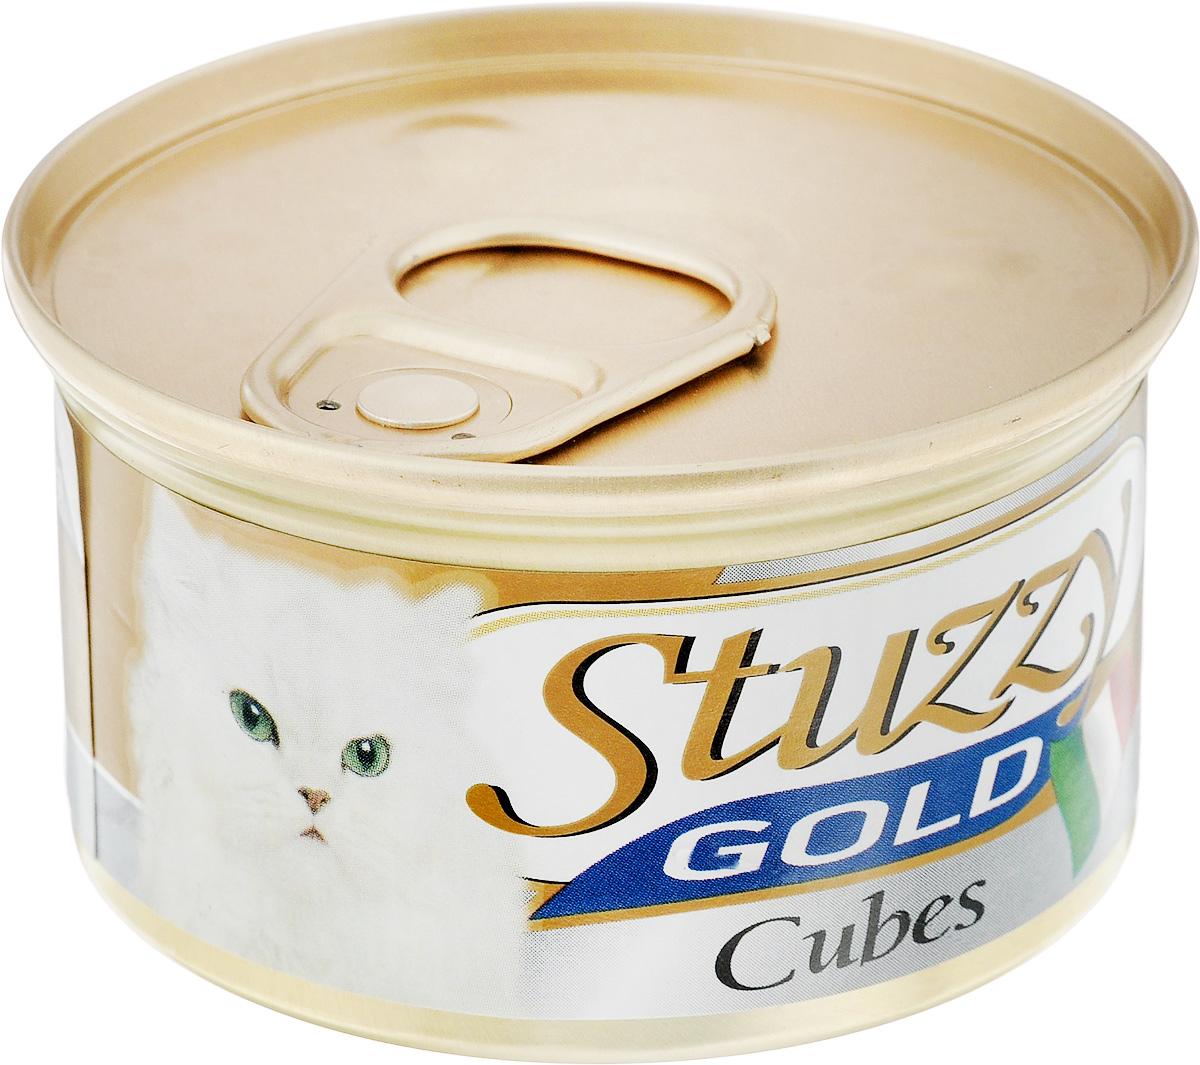 Консервы для взрослых кошек Stuzzy Gold, индейка, 85 г. 132.C4350120710Консервы для кошек Stuzzy Gold - это дополнительный рацион для взрослых кошек. Корм обогащен таурином и витамином Е для поддержания правильной работы сердца и иммунной системы. Инулин обеспечивает всасывание питательных веществ, а биотин способствуют великолепному внешнему виду кожи и шерсти. Корм приготовлен на пару, не содержит красителей и консервантов. Состав: мясо и мясные субпродукты 45% (из них индейка 13%).Питательная ценность: белок 9%, жир 5,5%, клетчатка 0,1%, зола 2%, влажность 80%. Питательные добавки (на кг): витамин А 1177 МЕ, витамин D3 700 МЕ, витамин Е 40 мг, таурин 300 мг, железо 63,14 мг, цинк 40,8 мг, медь 2,32 мг, марганец 3,25 мг, селен 0,155 мг, йод 0,76 мг. Товар сертифицирован.